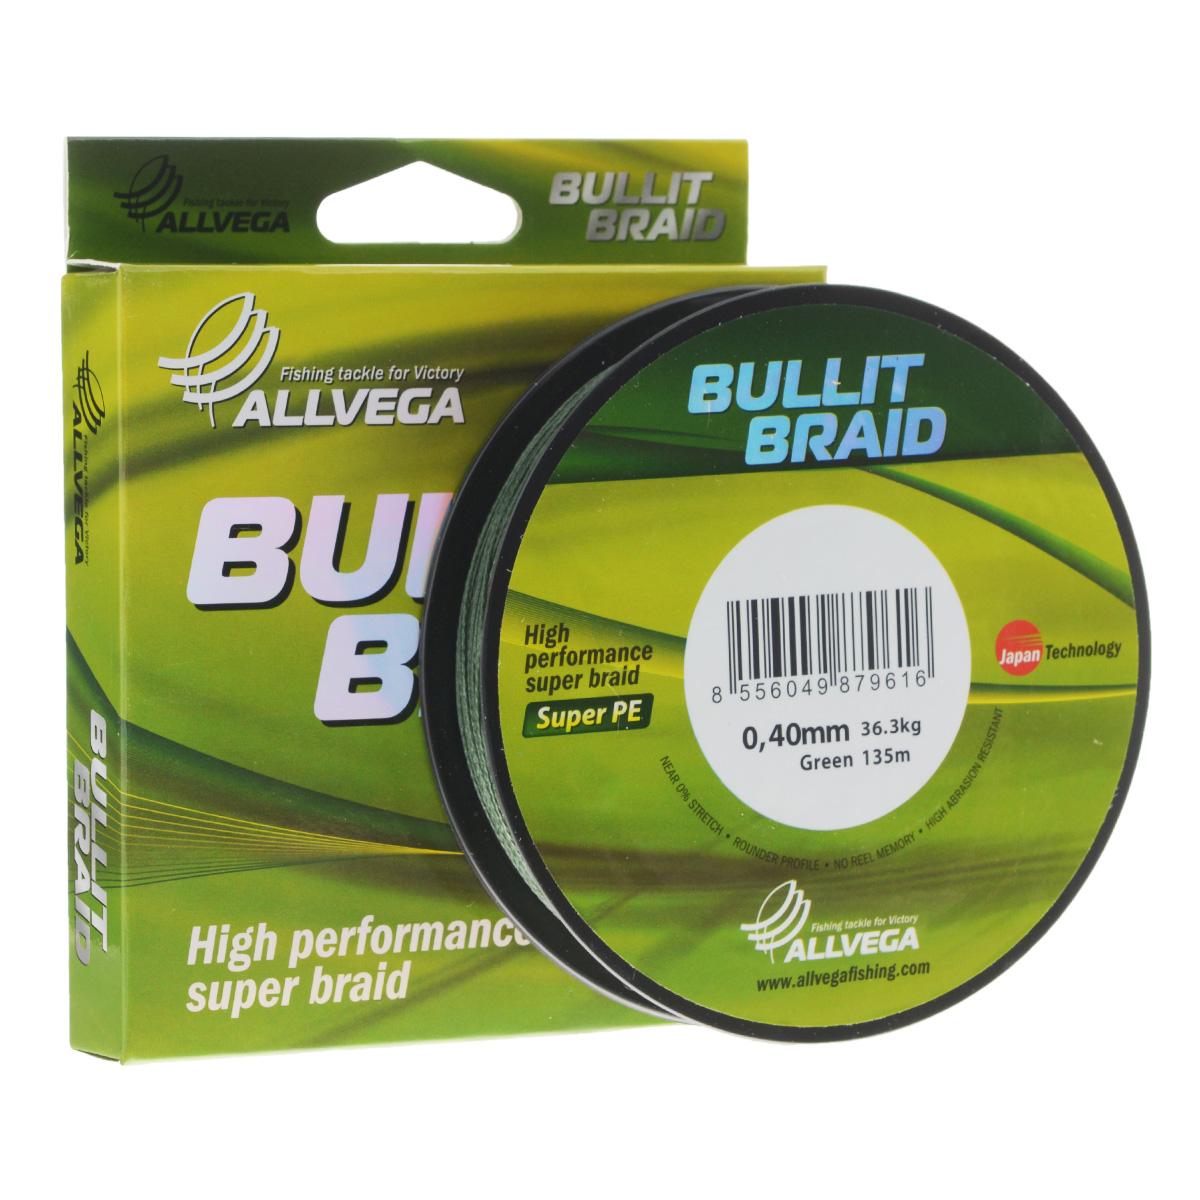 Леска плетеная Allvega Bullit Braid, цвет: темно-зеленый, 135 м, 0,40 мм, 36,3 кг36155Леска Allvega Bullit Braid с гладкой поверхностью и одинаковым сечением по всей длине обладает высокой износостойкостью. Благодаря микроволокнам полиэтилена (Super PE) леска имеет очень плотное плетение и не впитывает воду. Леску Allvega Bullit Braid можно применять в любых типах водоемов. Особенности:повышенная износостойкость;высокая чувствительность - коэффициент растяжения близок к нулю;отсутствует память; идеально гладкая поверхность позволяет увеличить дальность забросов; высокая прочность шнура на узлах.